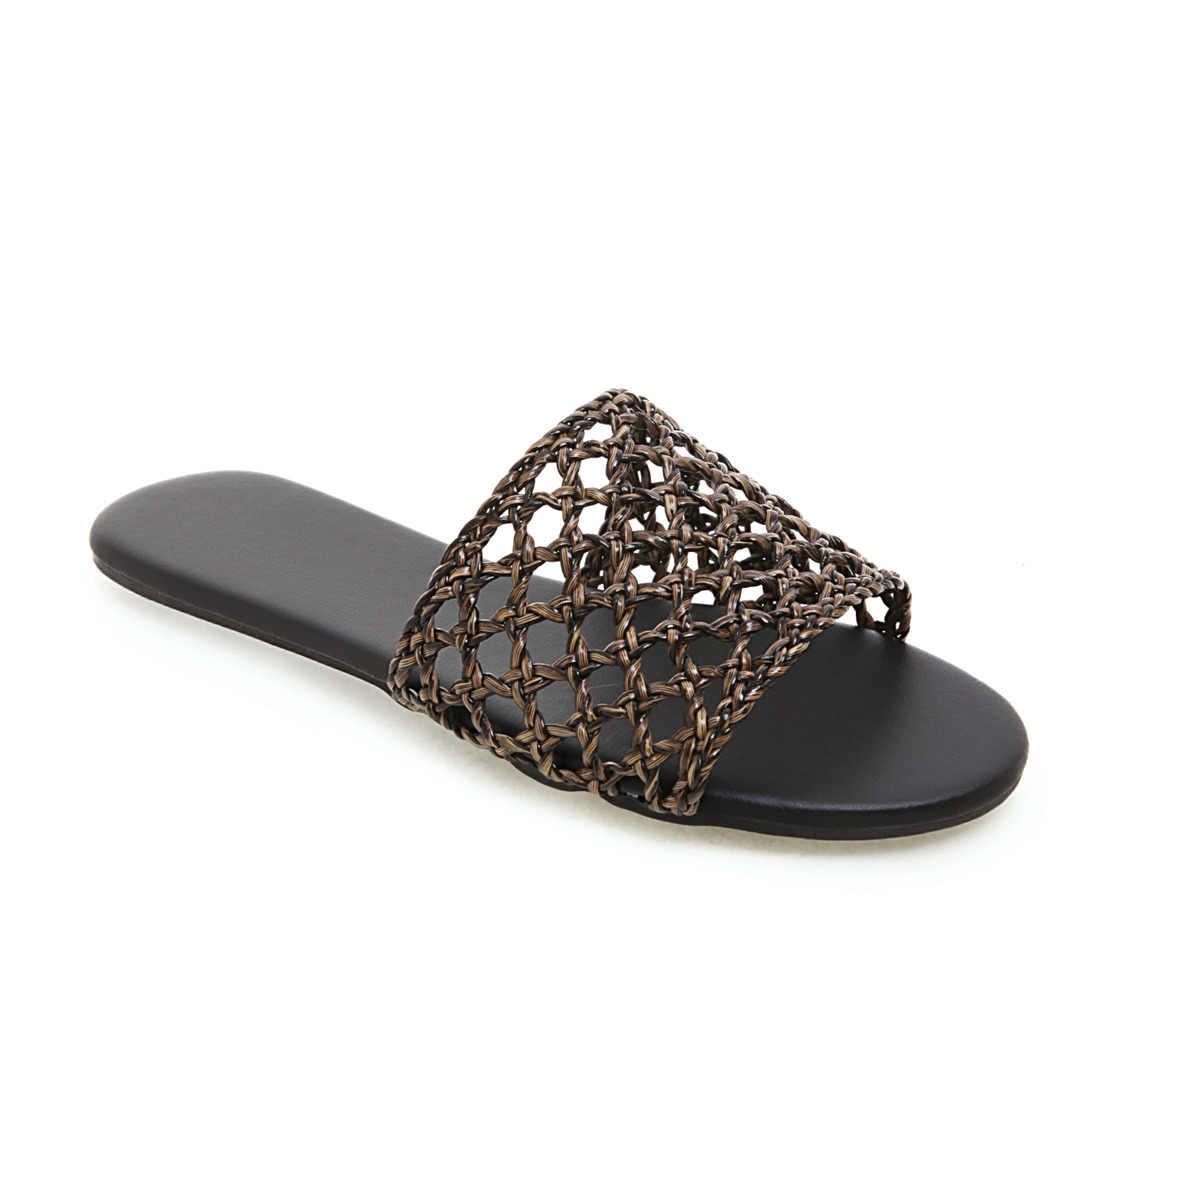 2020 yeni yaz kadın terlik flats plaj terlikleri kapalı ve açık çok amaçlı ayakkabı boyutları 34-43